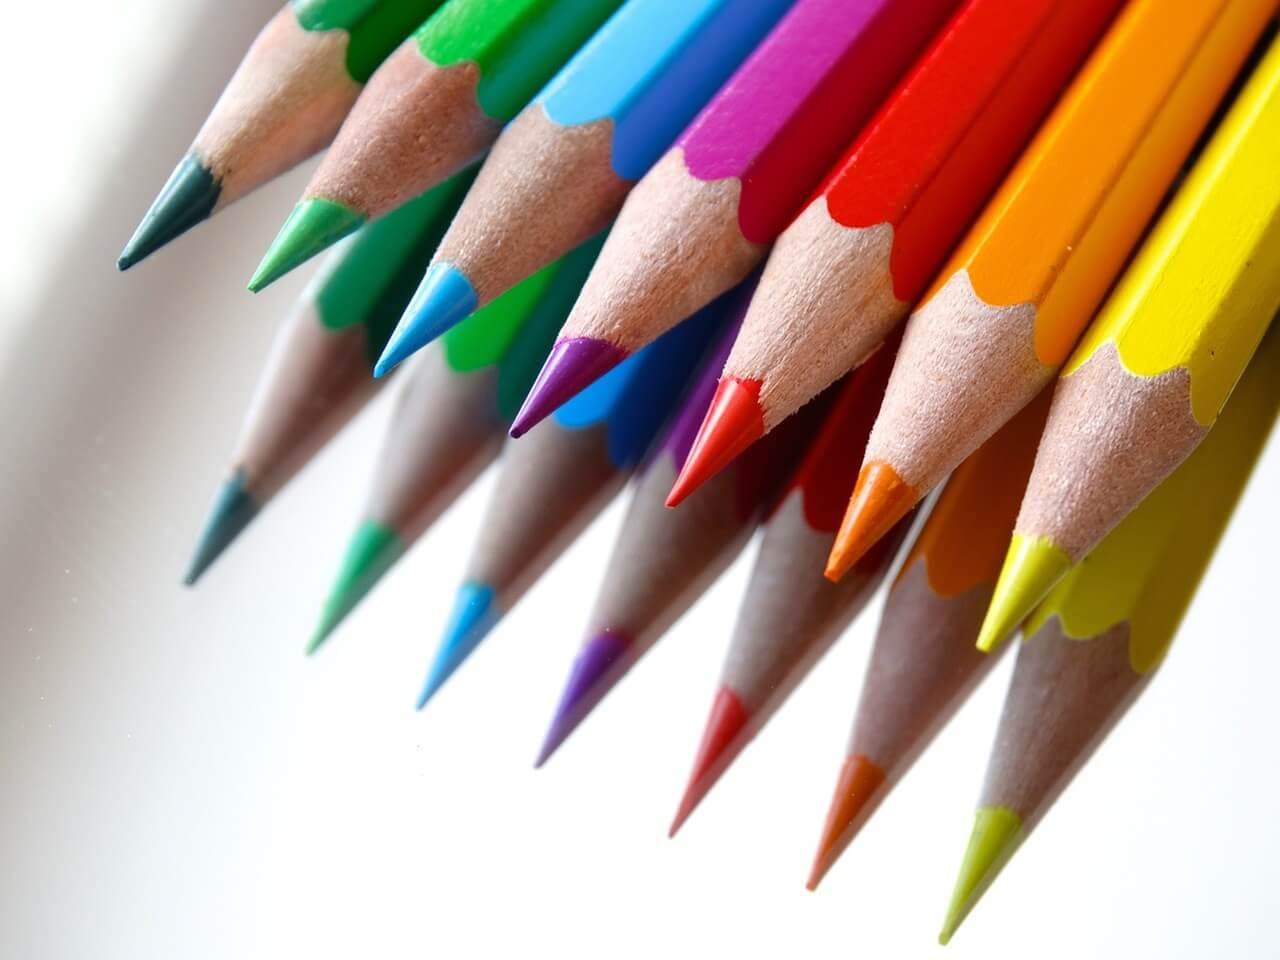 Kalem İthalatına Önlemlerin Etkisiz Kılınması Soruşturması Açıldı